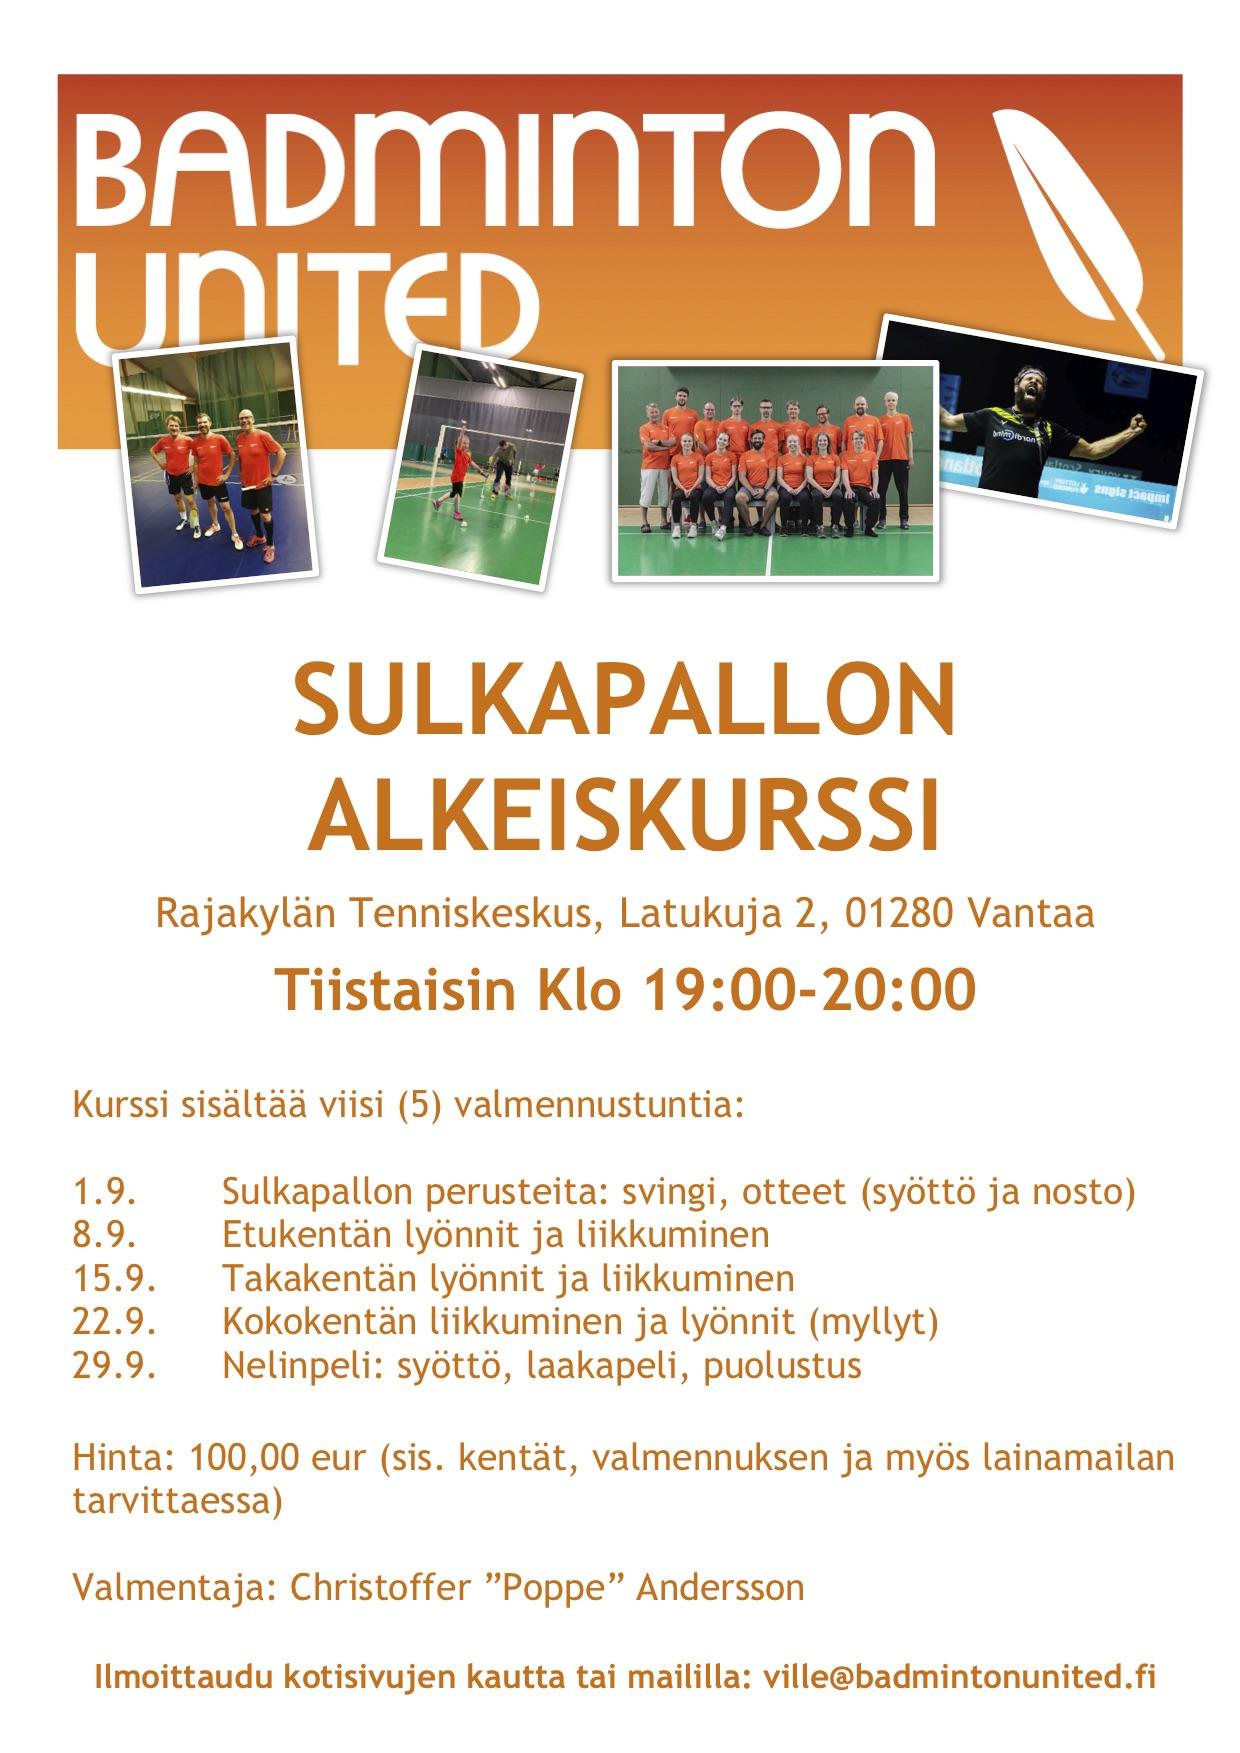 Syksyn ensimmäinen alkeiskurssi Vantaalla!